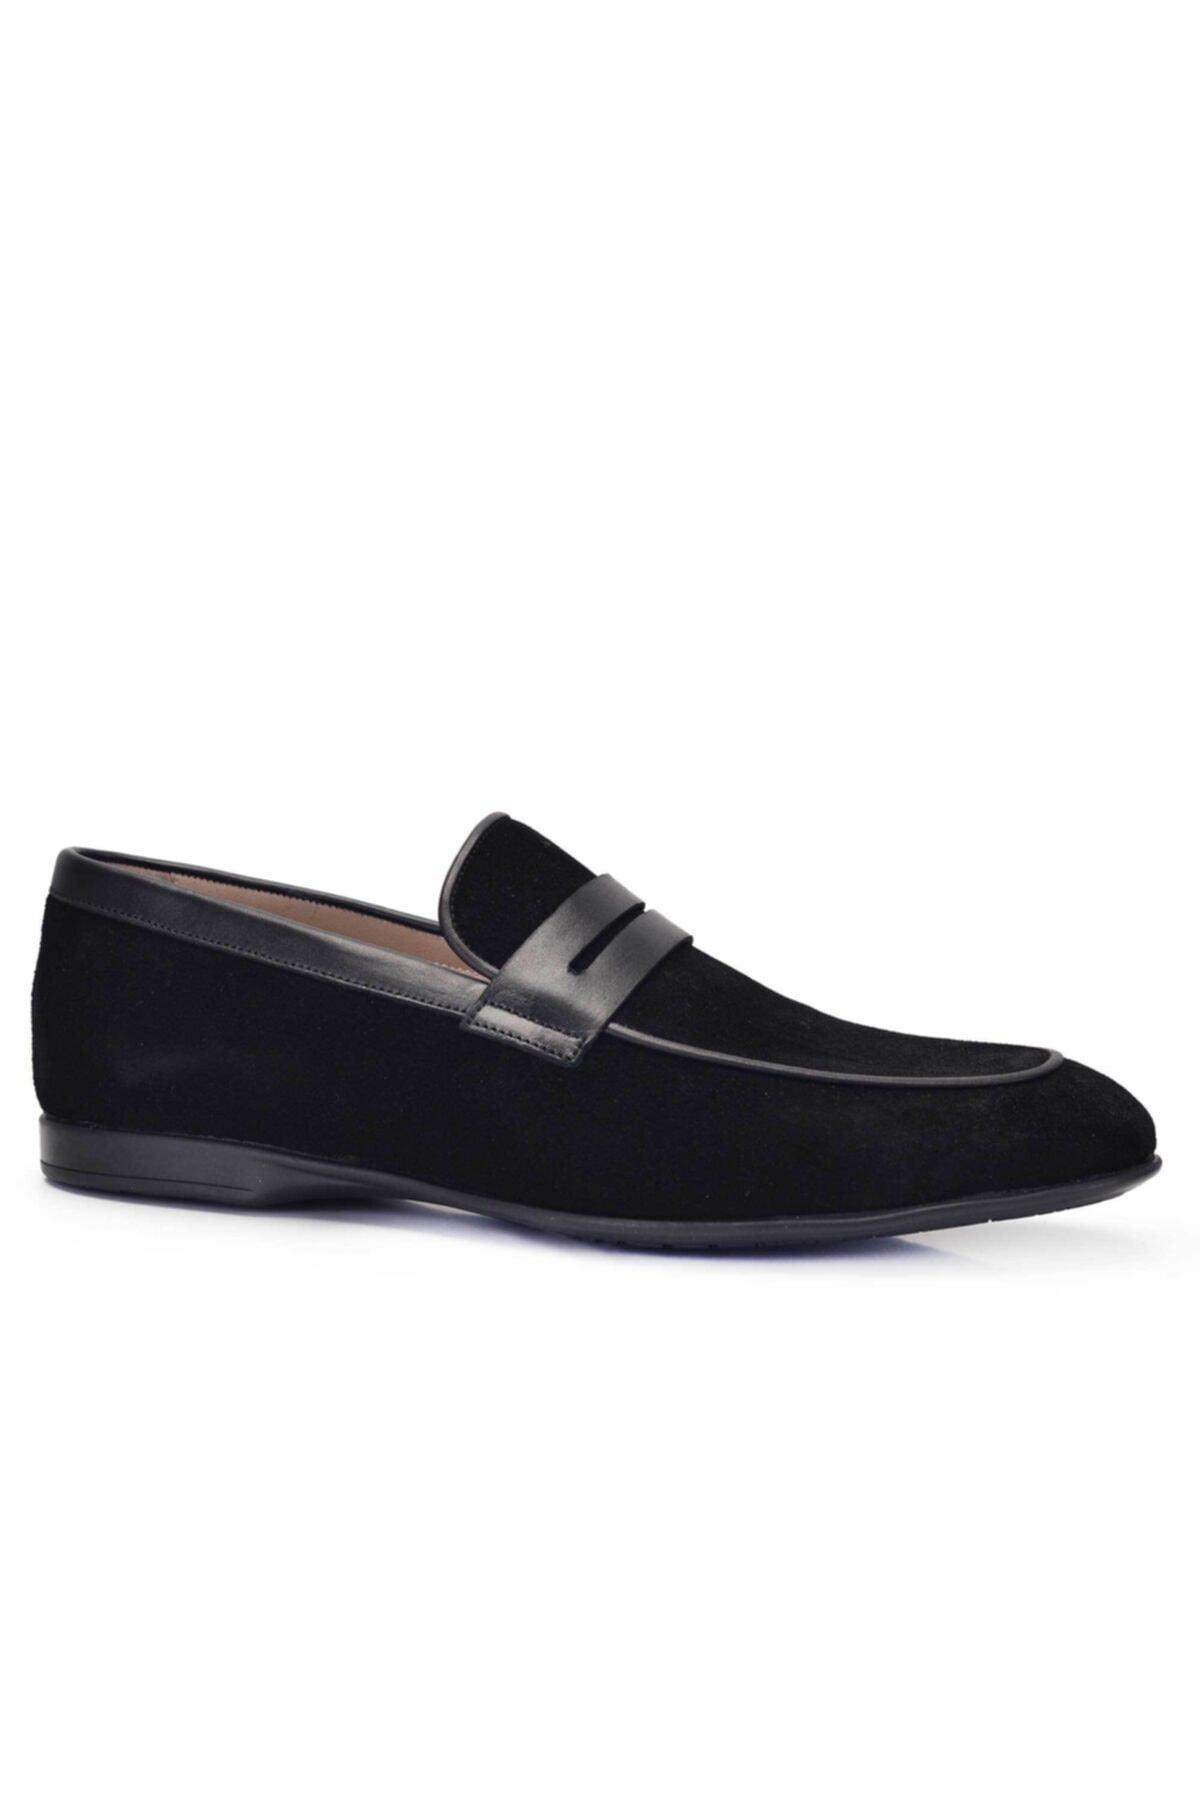 Nevzat Onay Hakiki Deri Siyah Günlük Loafer Yazlık Erkek Ayakkabı -11581- 2